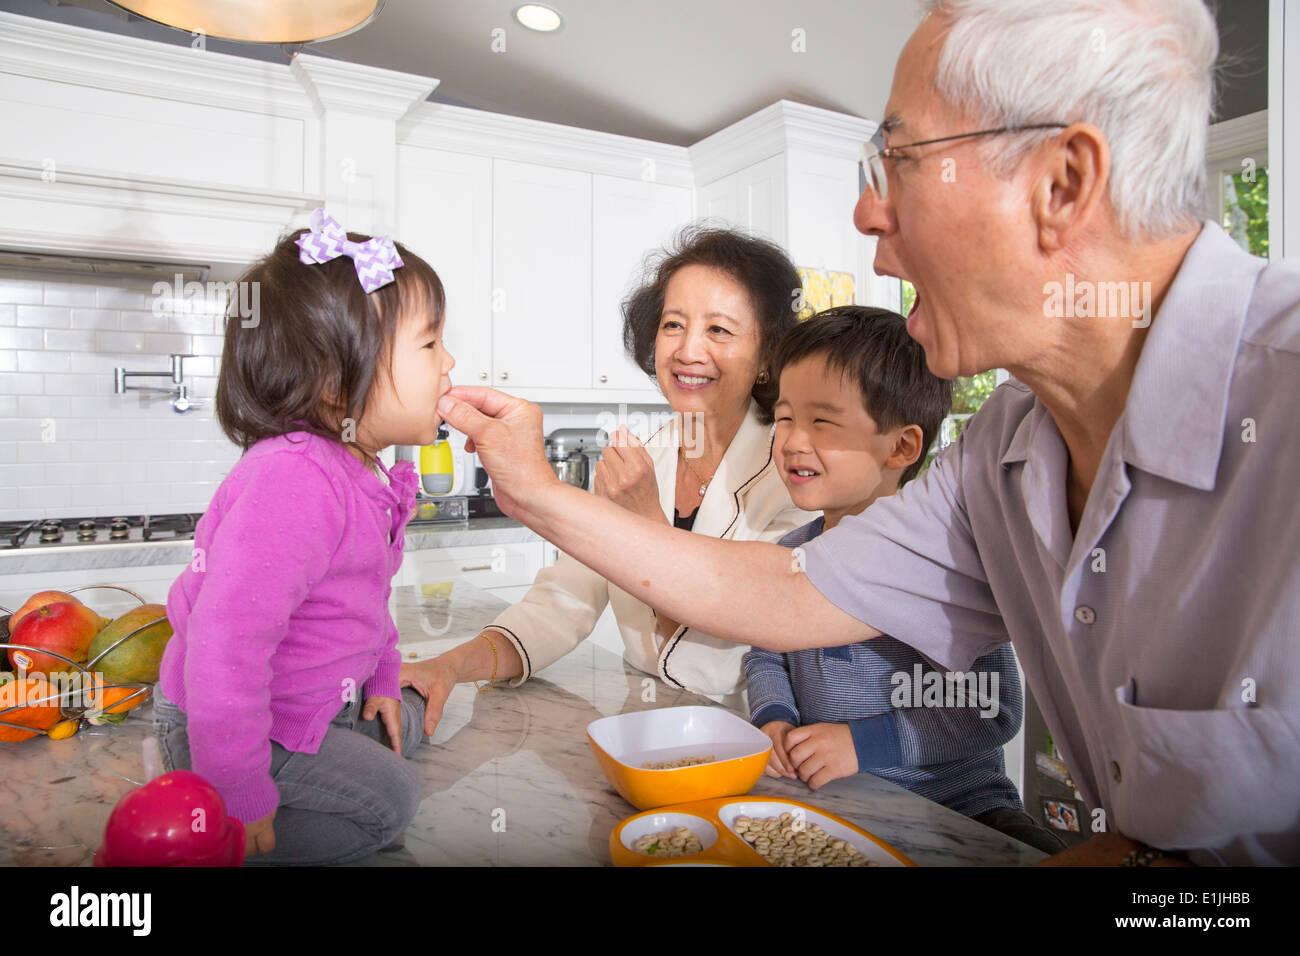 Alimentación abuelo aperitivo a toddler nieta en la cocina Imagen De Stock